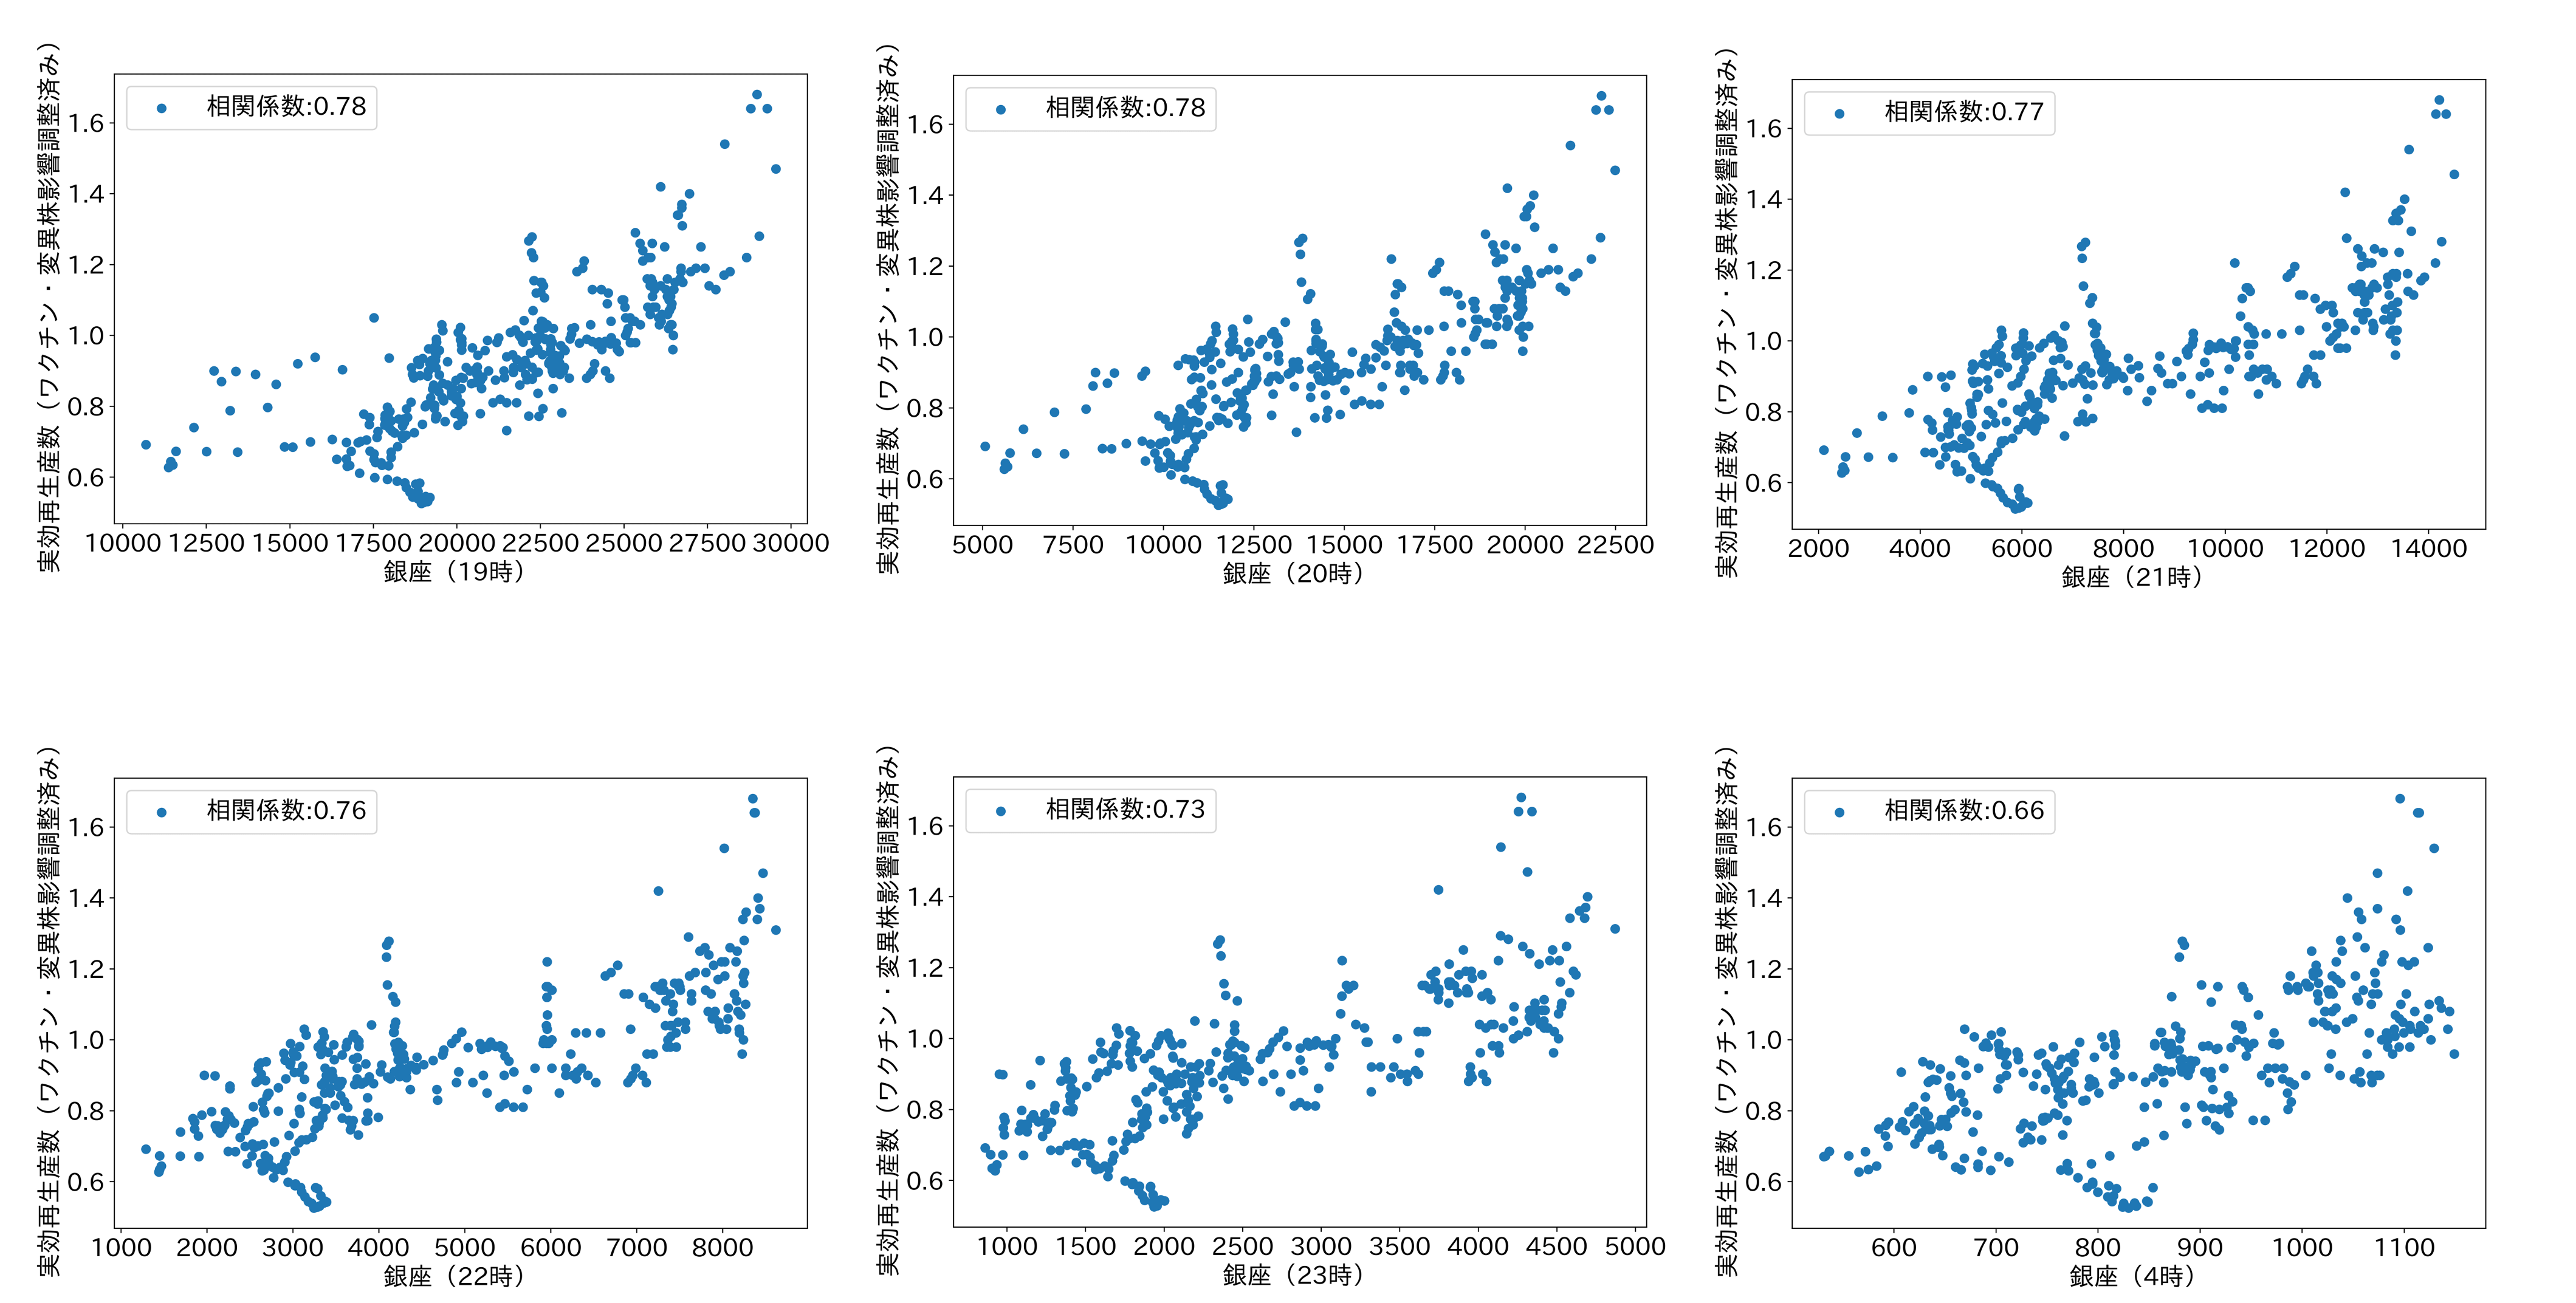 繁華街の時間帯別人流と実効再生産数の関係